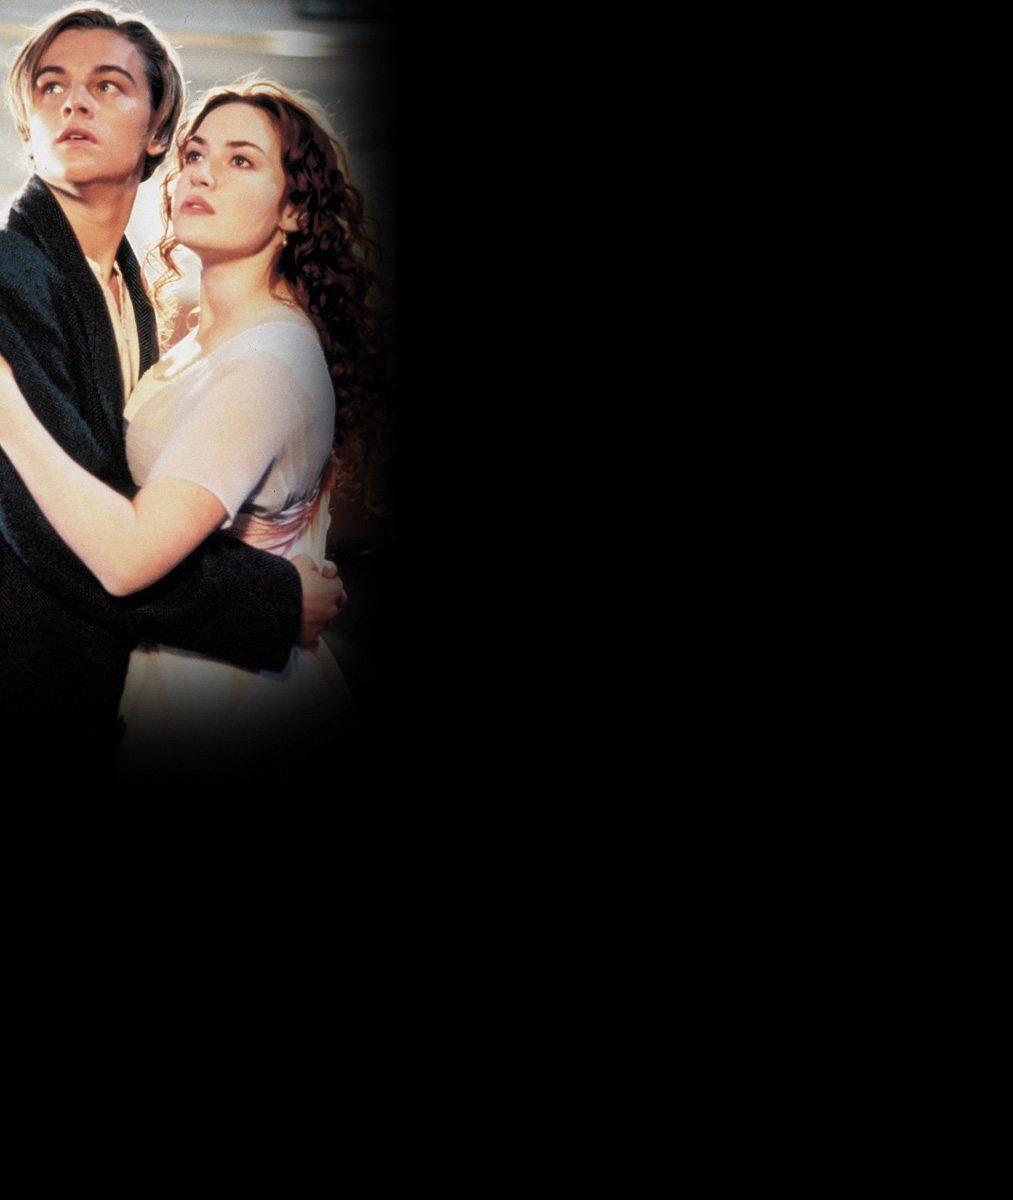 Milenci z Titaniku po 18 letech: DiCaprio zmužněl, Winslet zkrásněla